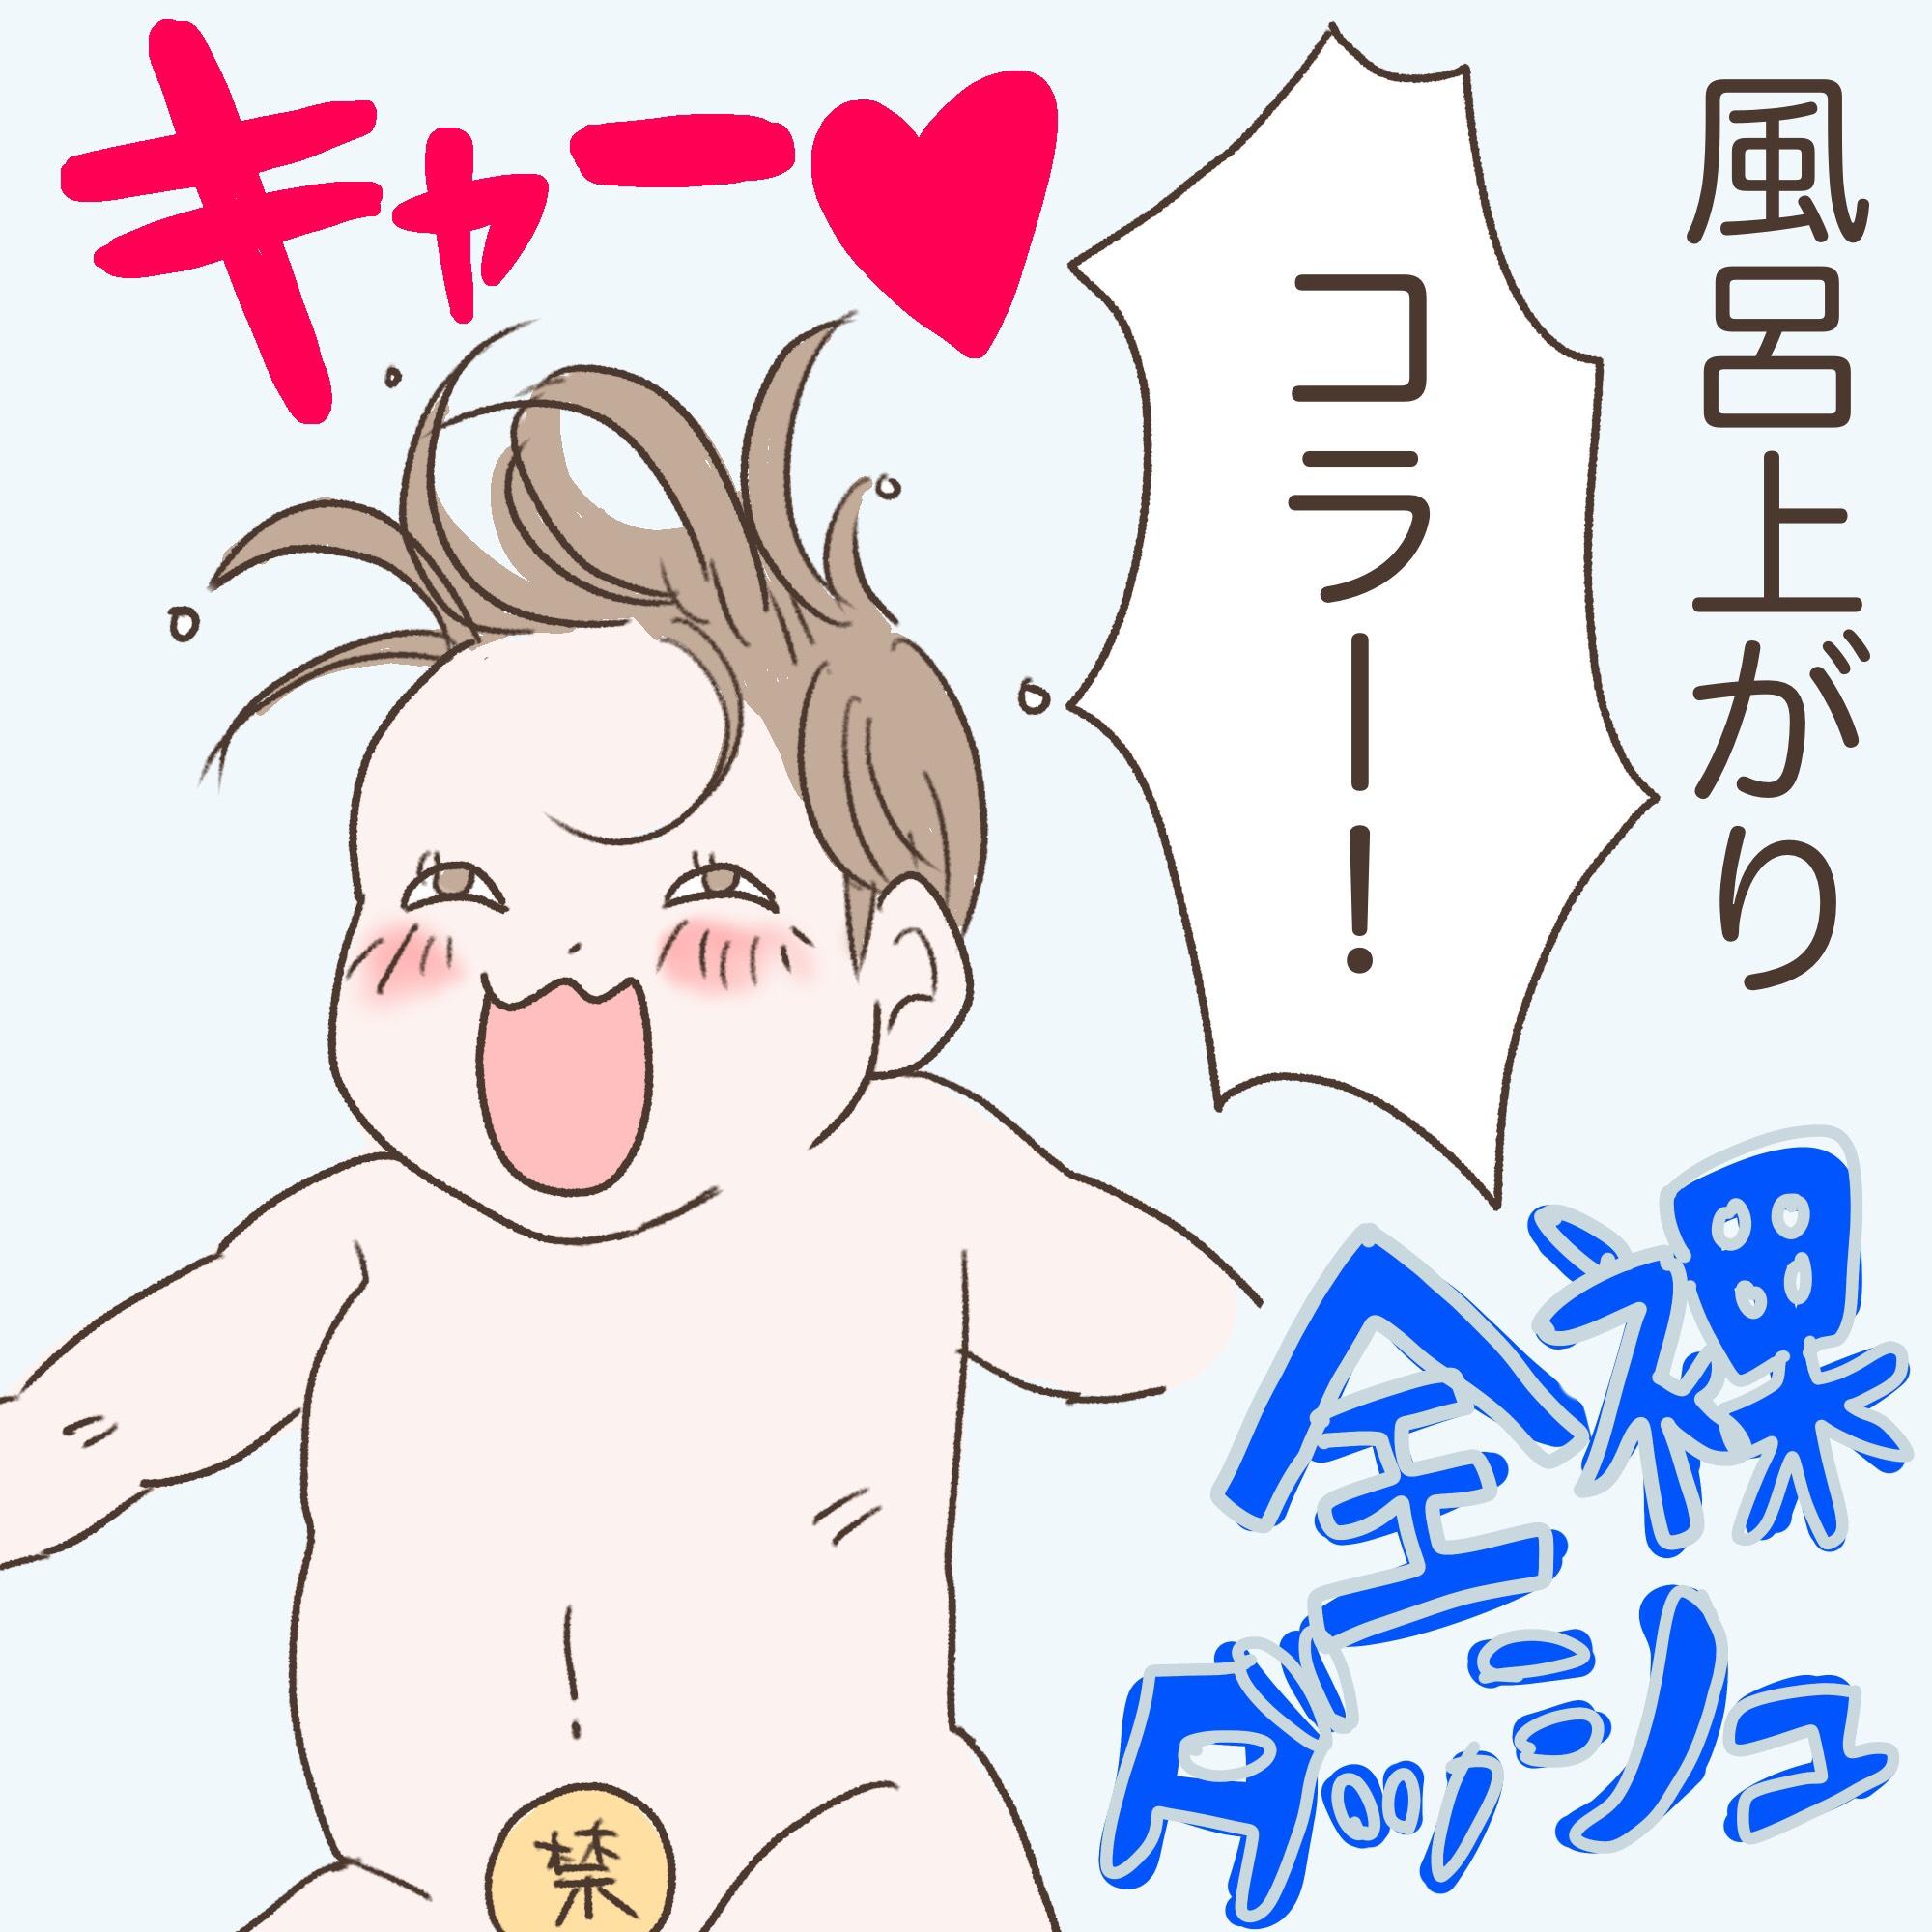 風呂上がり裸族になる男たち|モナくんはいつでもSo Happy!#16